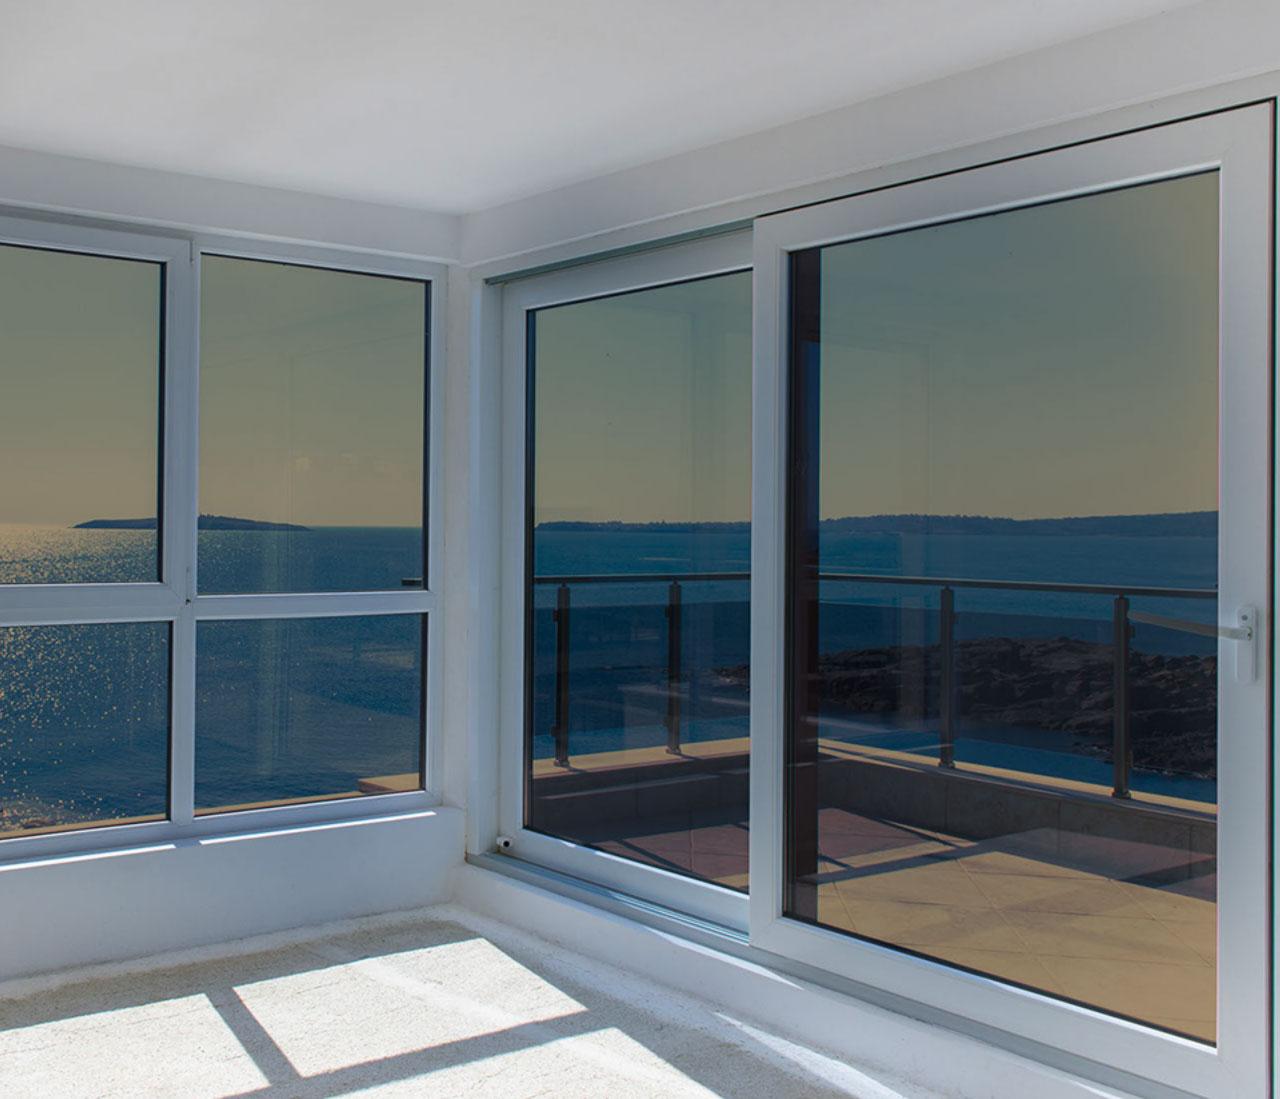 Films solaire securite et design - Vitre sans tain castorama ...